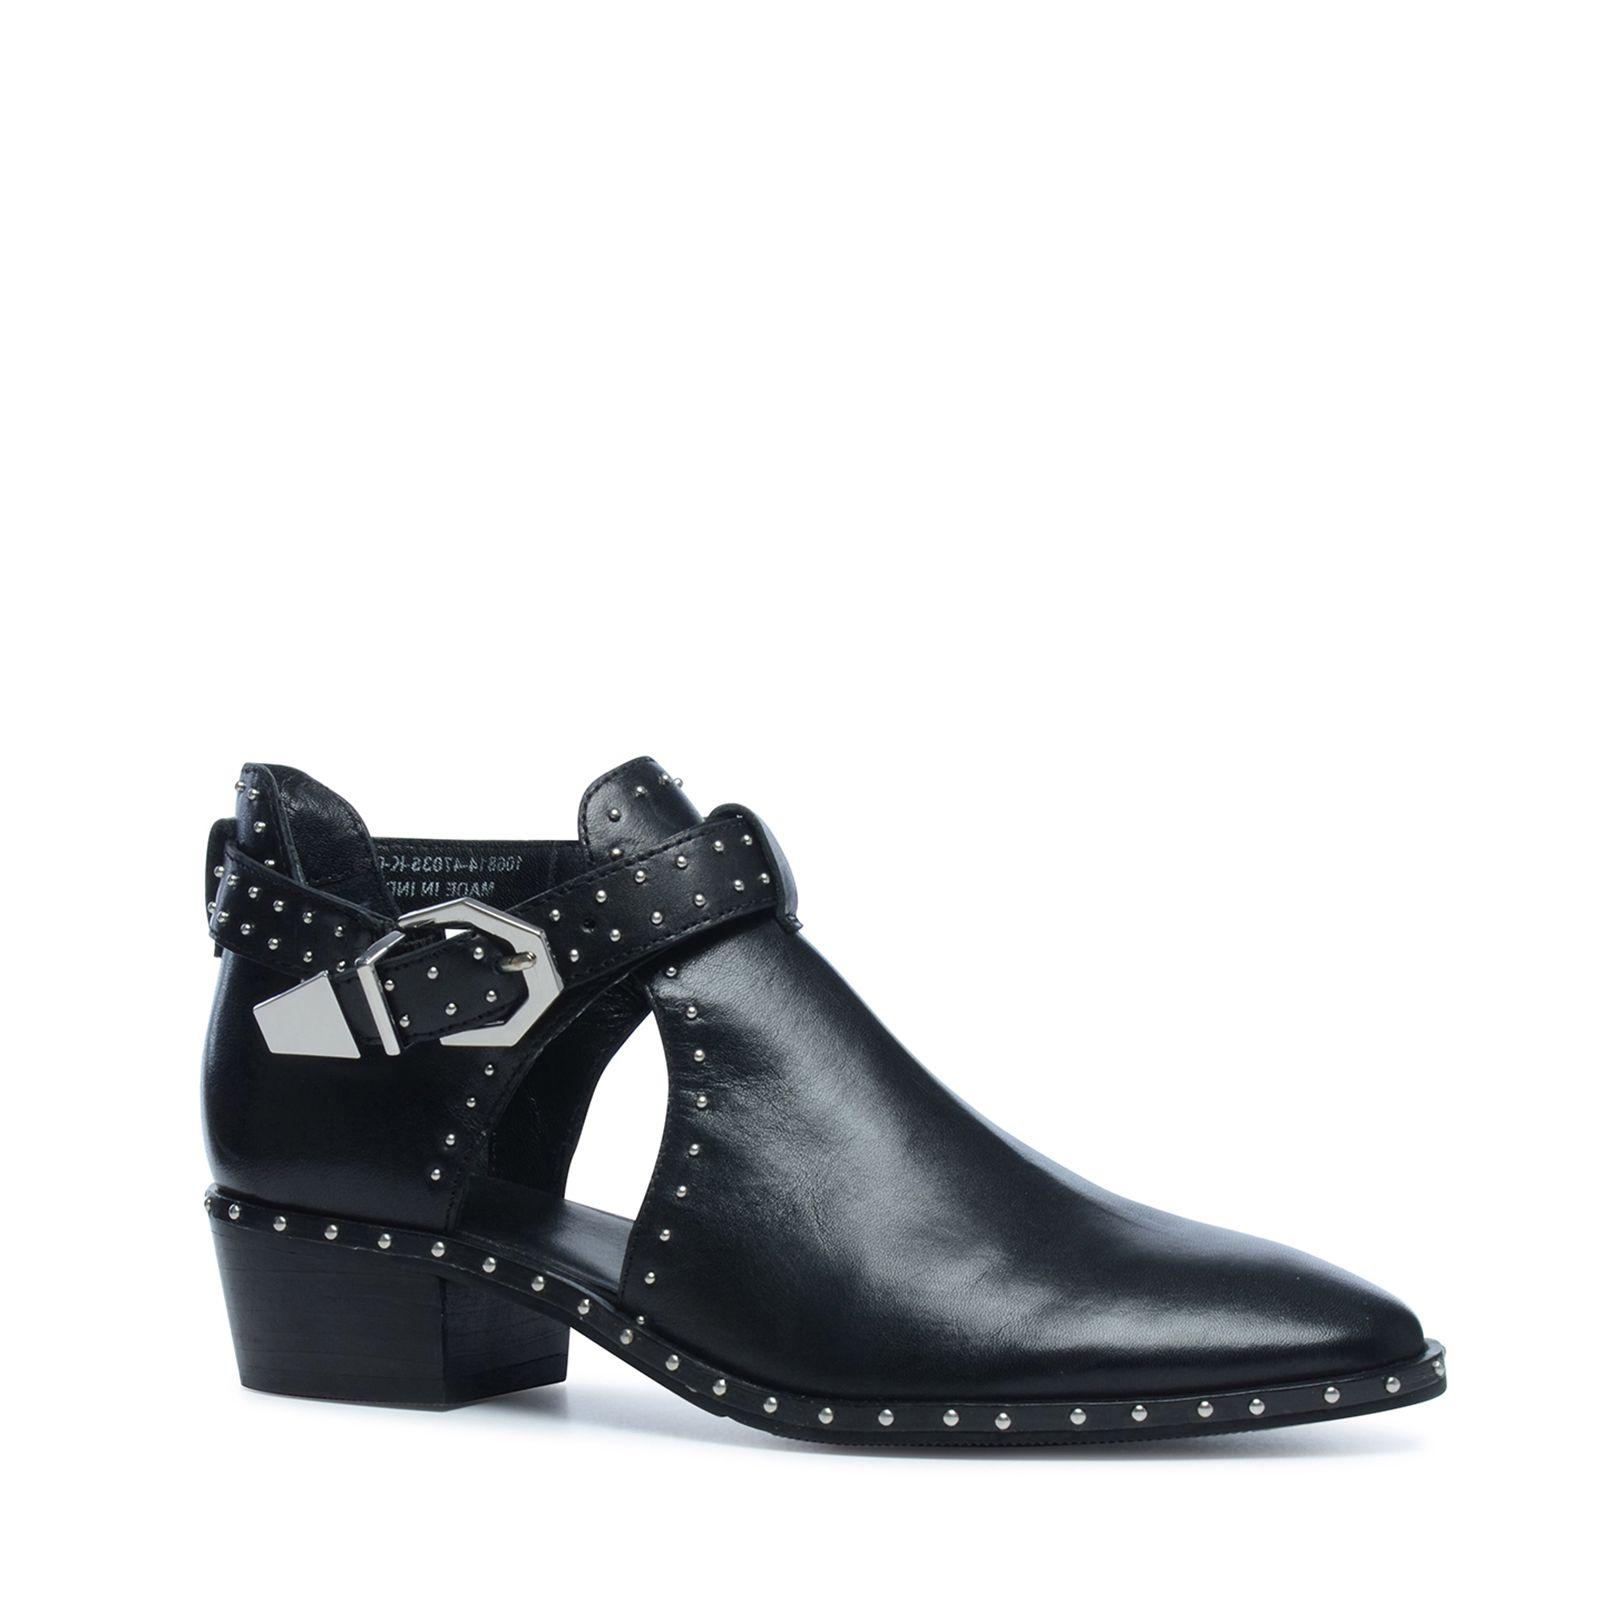 ff83385176d Zwarte cut out boots met studs - Dames | MANFIELD | Schoenen - Boots ...